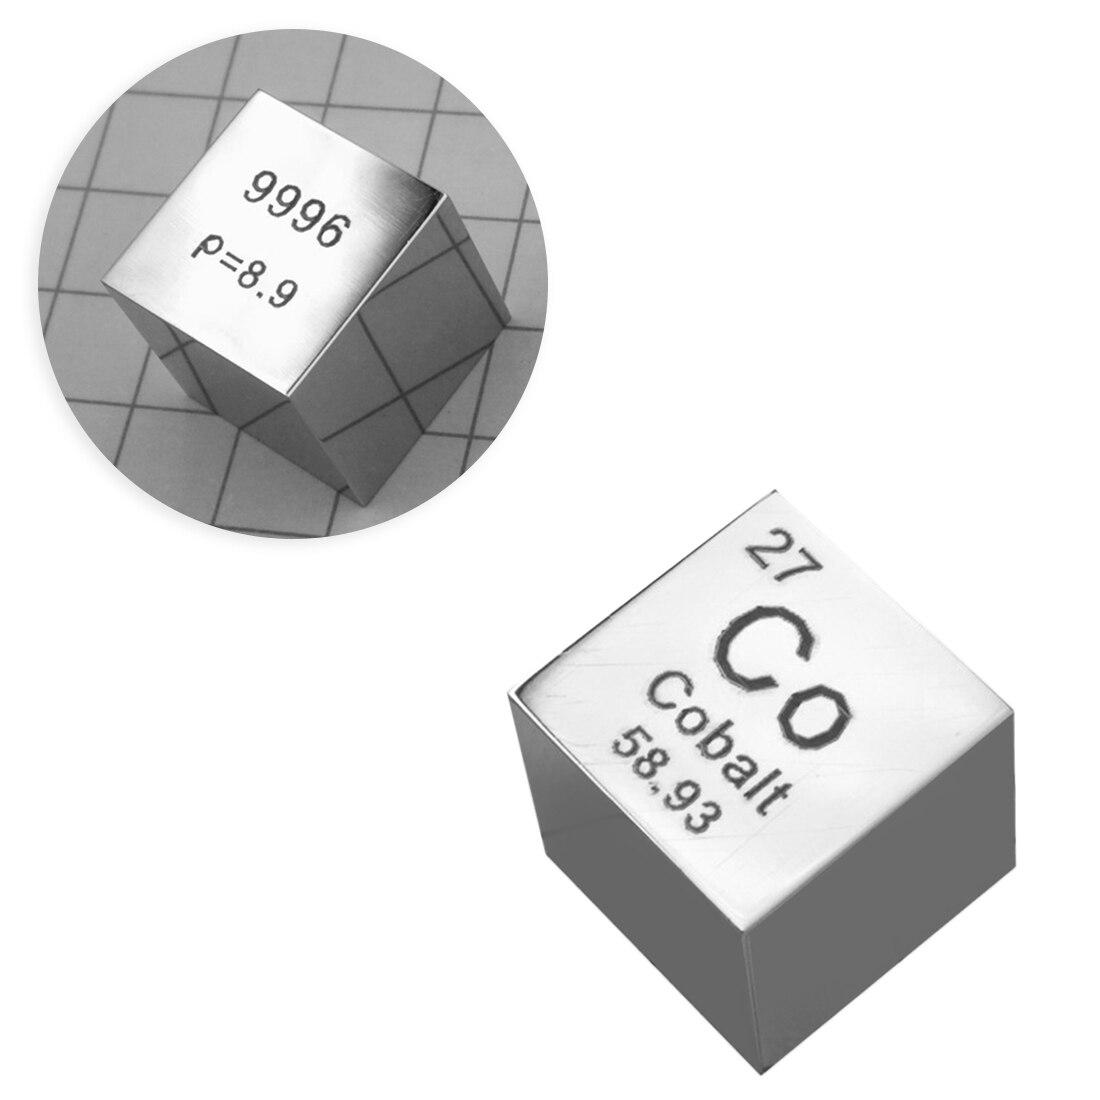 1 шт., игрушки для детей, Обучающие кубики для рукоделия, 10X10X10 мм - Цвет: 14